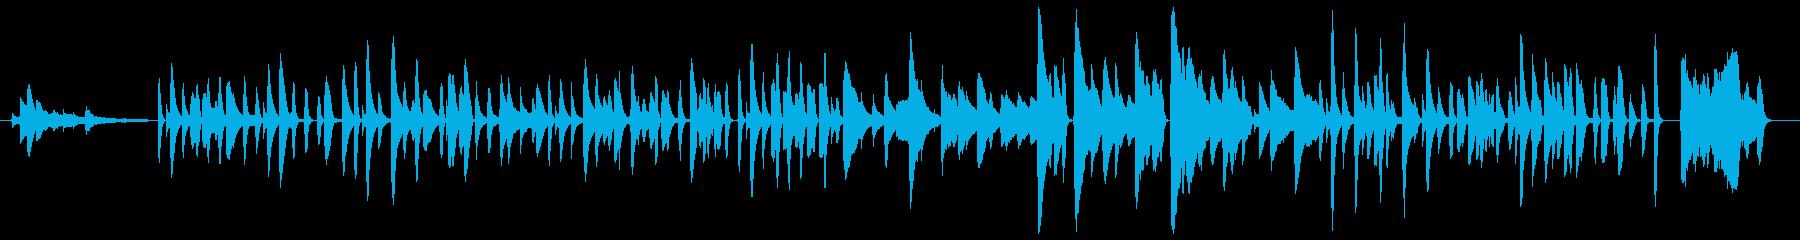 おどけた調子の古風なジャズ/ピアノ生演奏の再生済みの波形